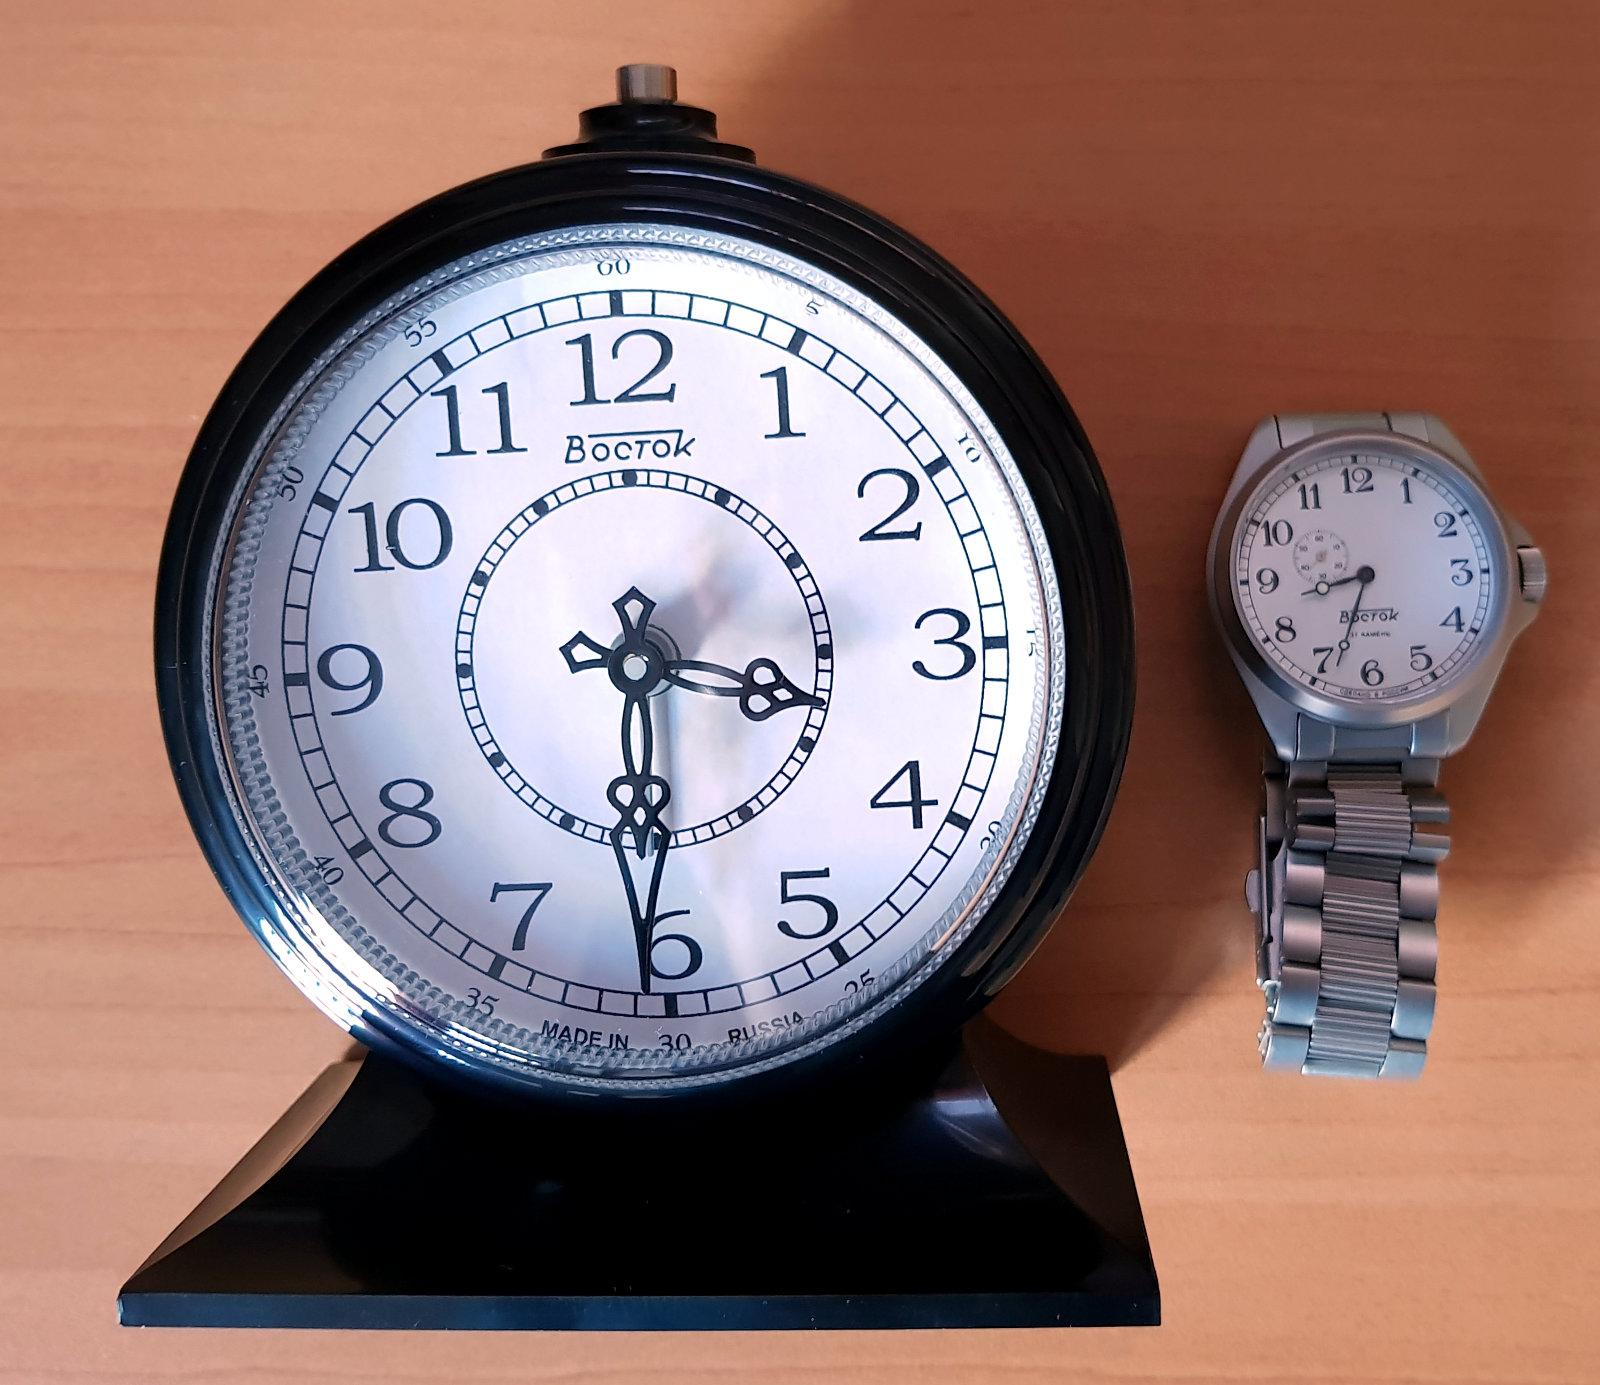 Nuevos despertadores de Vostok Vostok_bmp-1_vostok_k-34_340946